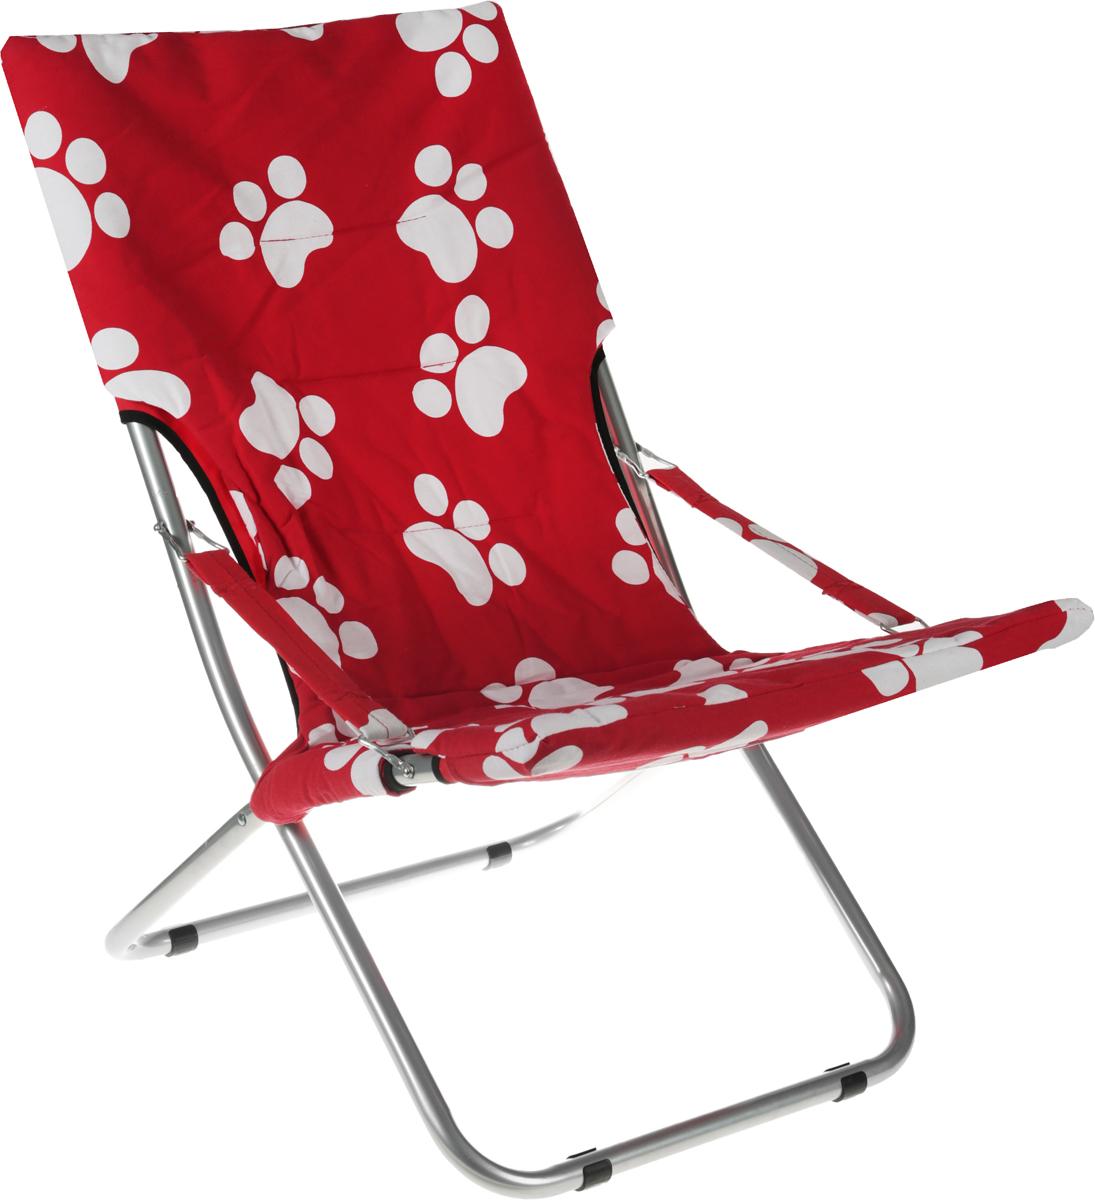 Кресло складное Wildman, цвет: красный, белый, 73 х 60 х 100 см81-455_красный/белые лапкиНа складном кресле Wildman можно удобно расположиться в тени деревьев, отдохнуть в приятной прохладе летнего вечера.В использовании такое кресло достойно самых лучших похвал. Кресло выполнено из текстиля, каркас металлический. Мягкий съемный чехол с наполнителем из синтепона крепится на кресло при помощи застежек-липучек. В сложенном виде кресло удобно для хранения и переноски.